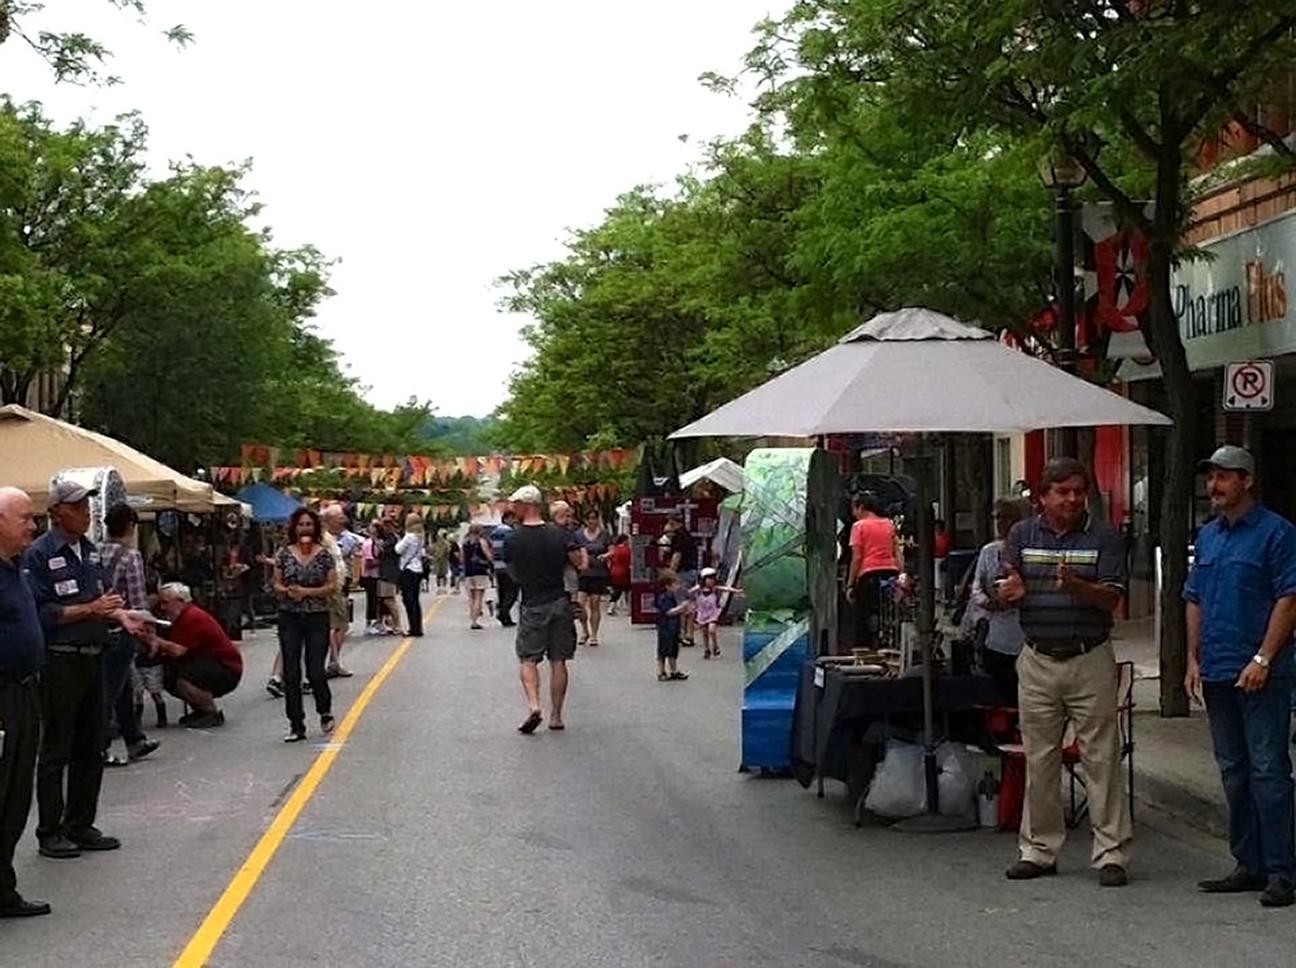 Orillia Streets Alive 2014